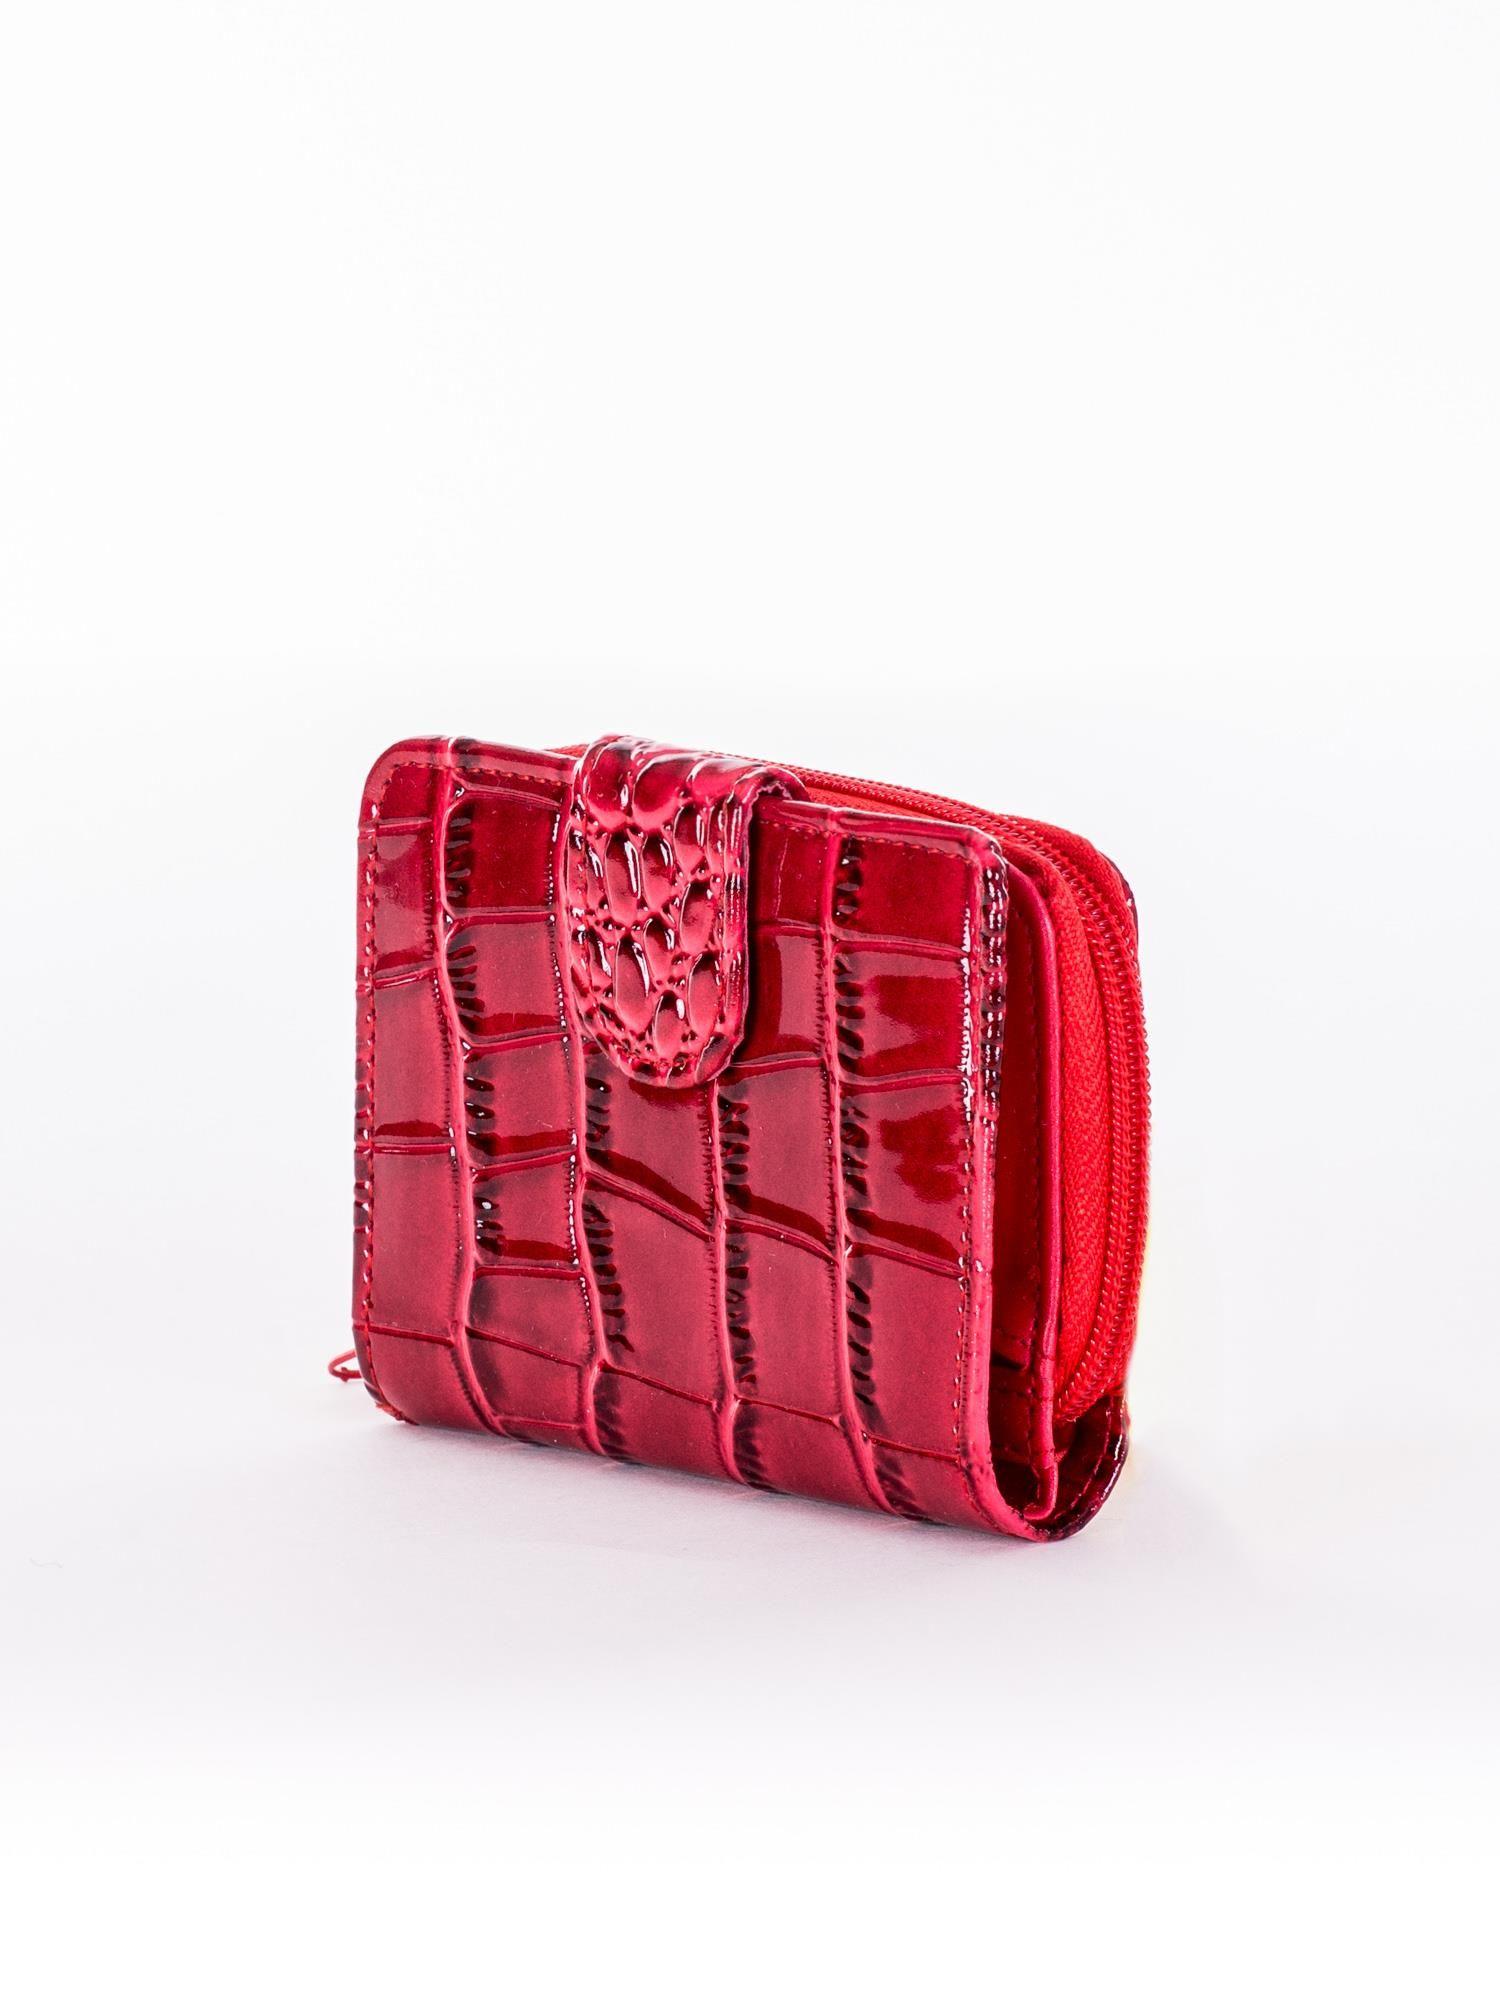 ffaba7f7d Czerwony tłoczony portfel z motywem skóry krokodyla - Akcesoria portfele -  sklep eButik.pl